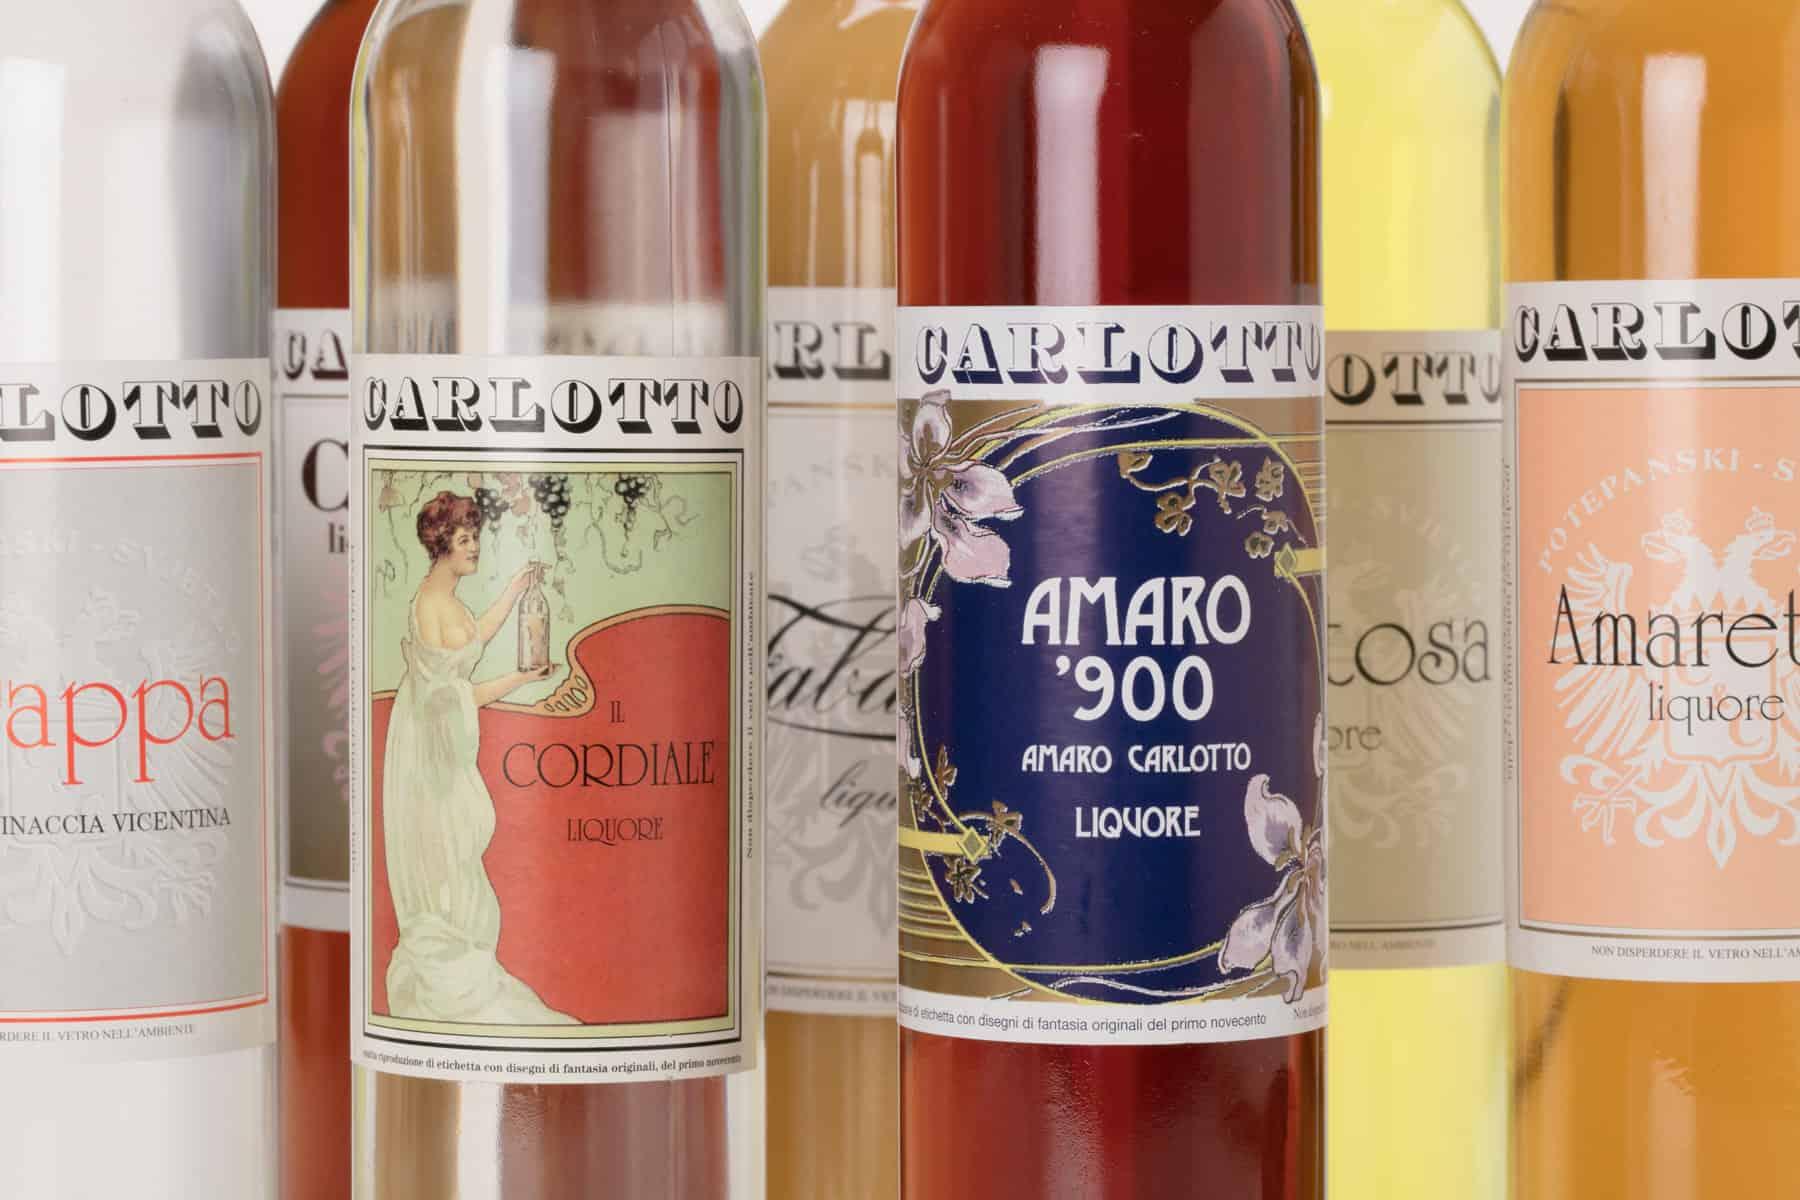 Carlotto Liquori, dettaglio delle etichette. Tipografia Unione, piccoli stampati.